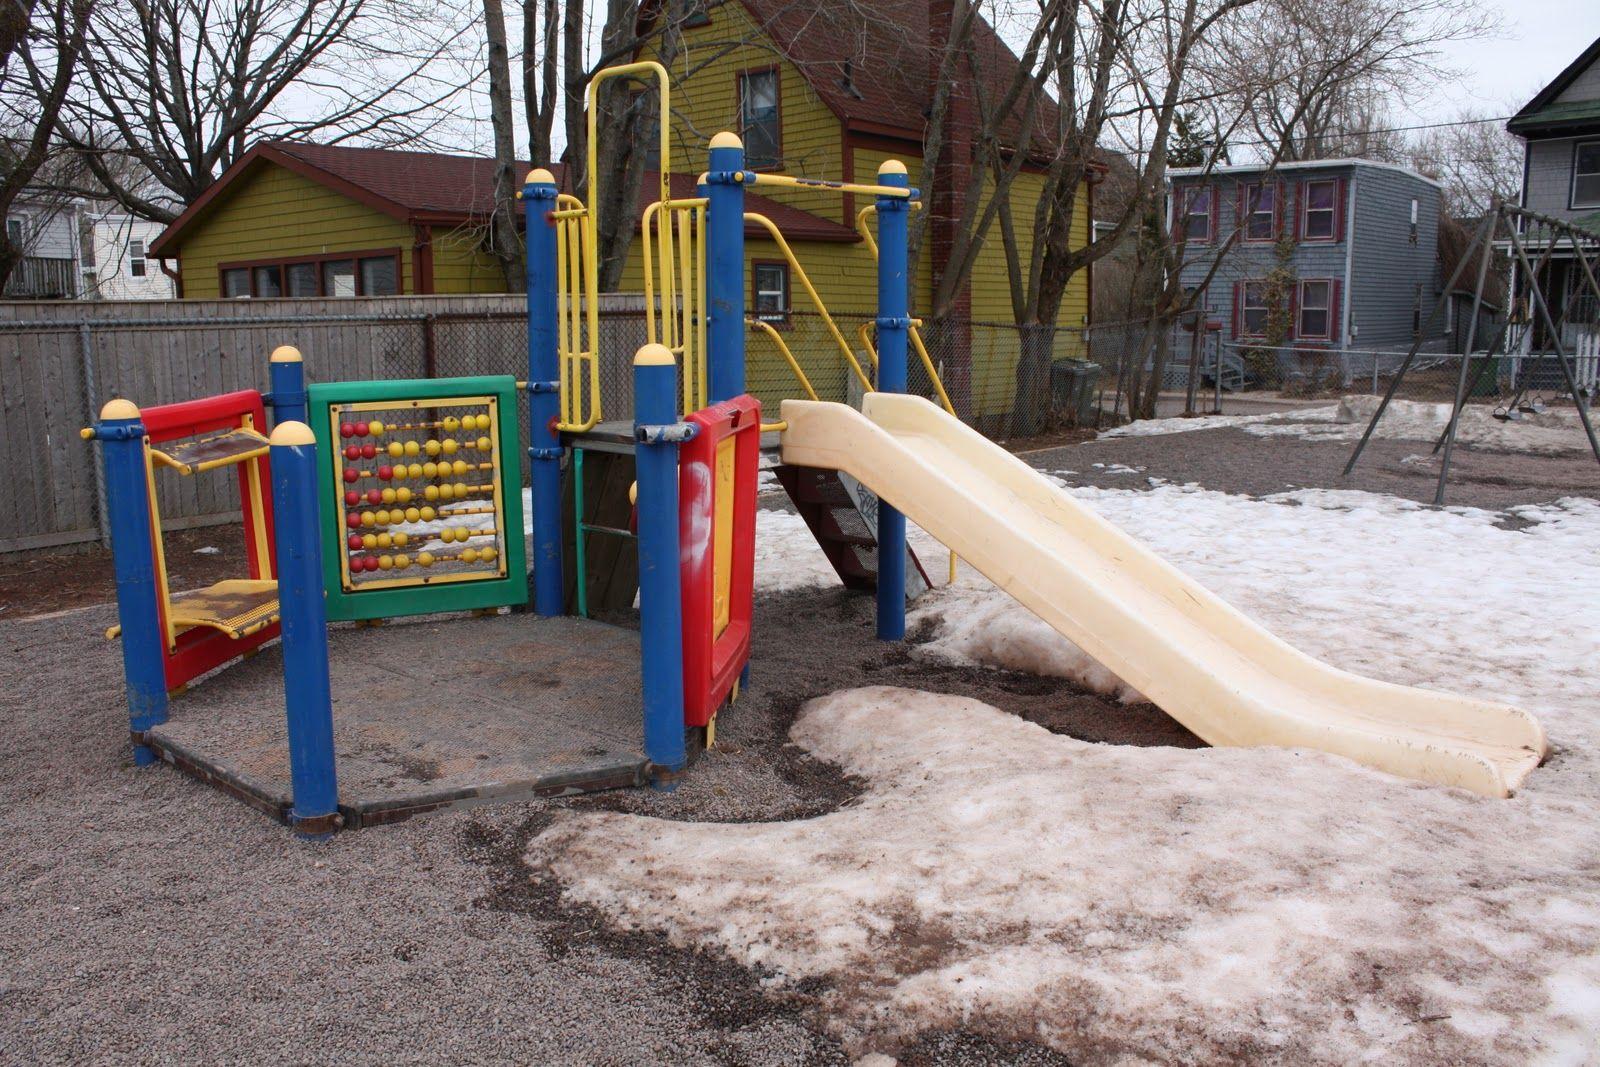 Cheaper used playground equipment craigslist for Playground equipment ideas